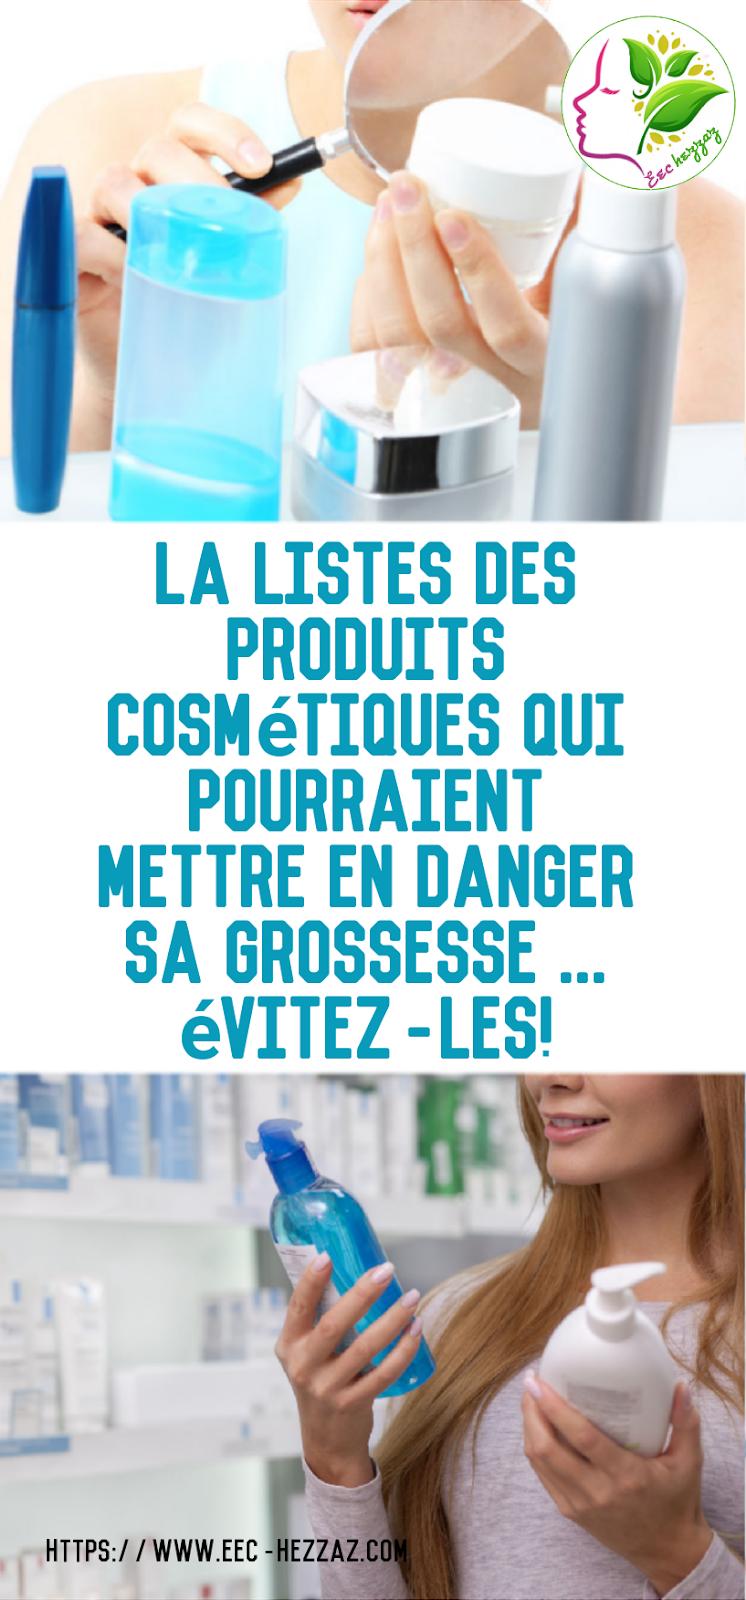 La listes des produits cosmétiques qui pourraient mettre en danger sa grossesse ... évitez-les!